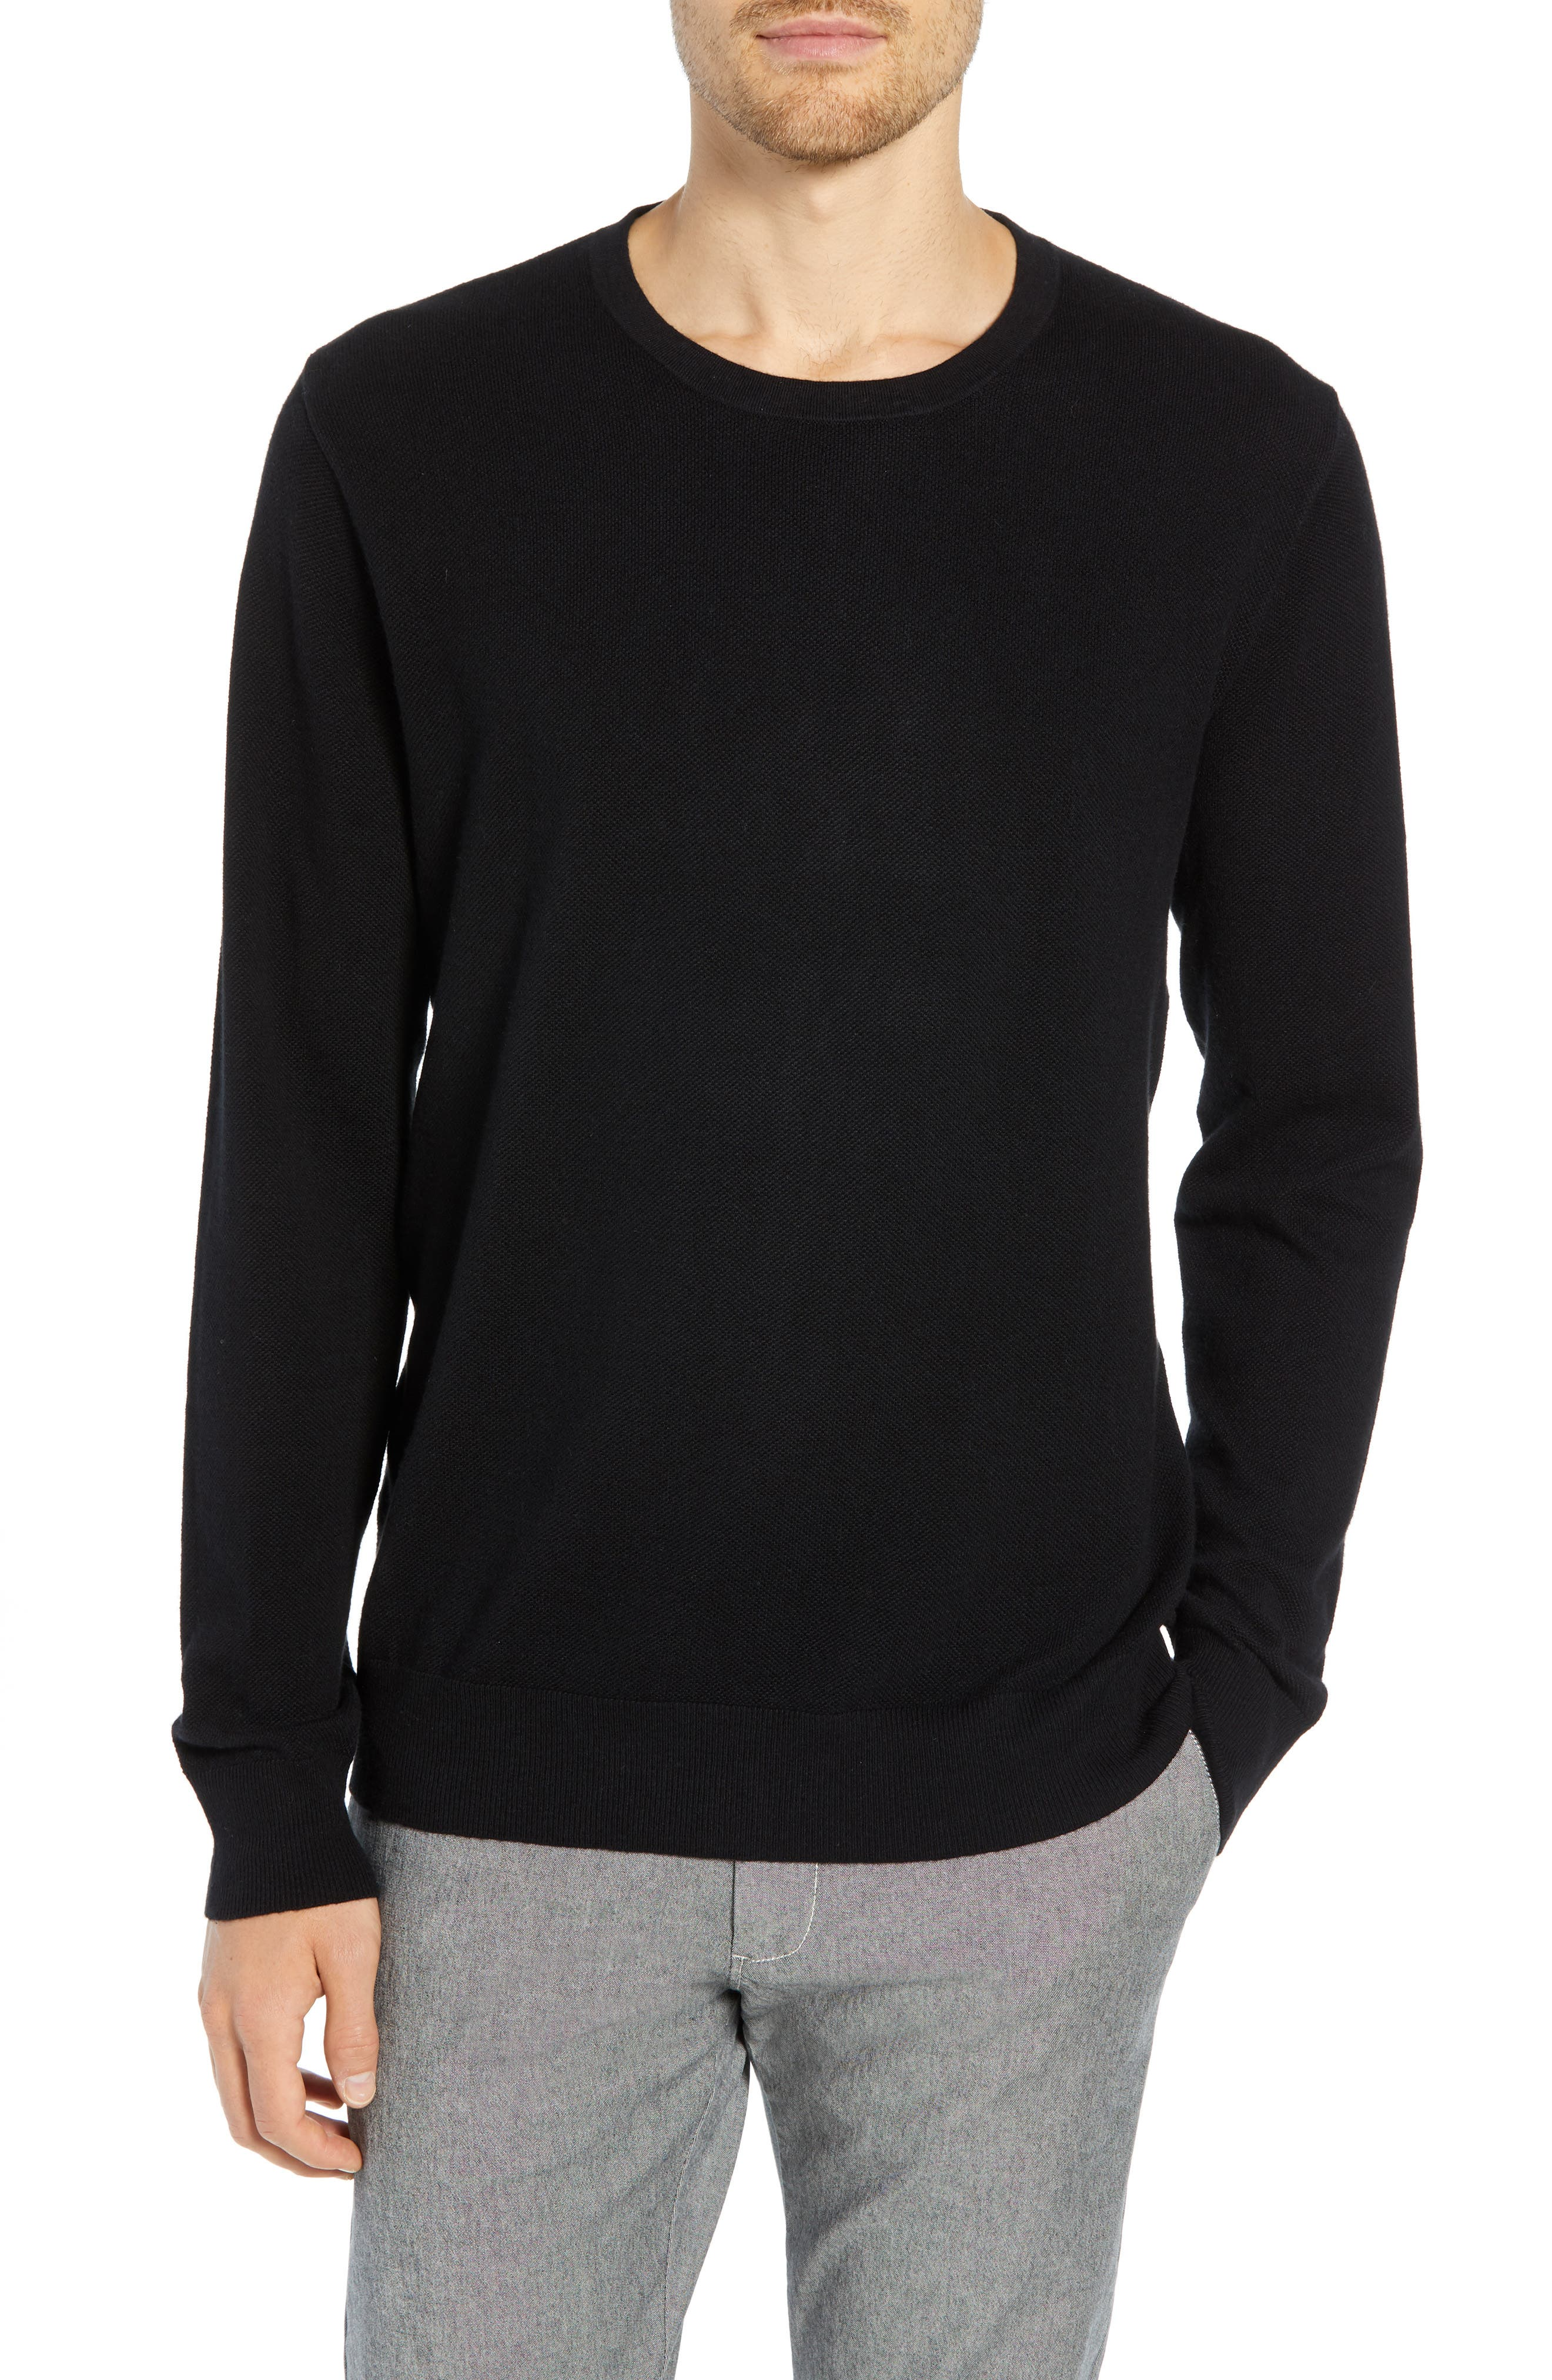 Cotton & Cashmere Piqué Crewneck Sweater,                             Main thumbnail 1, color,                             001